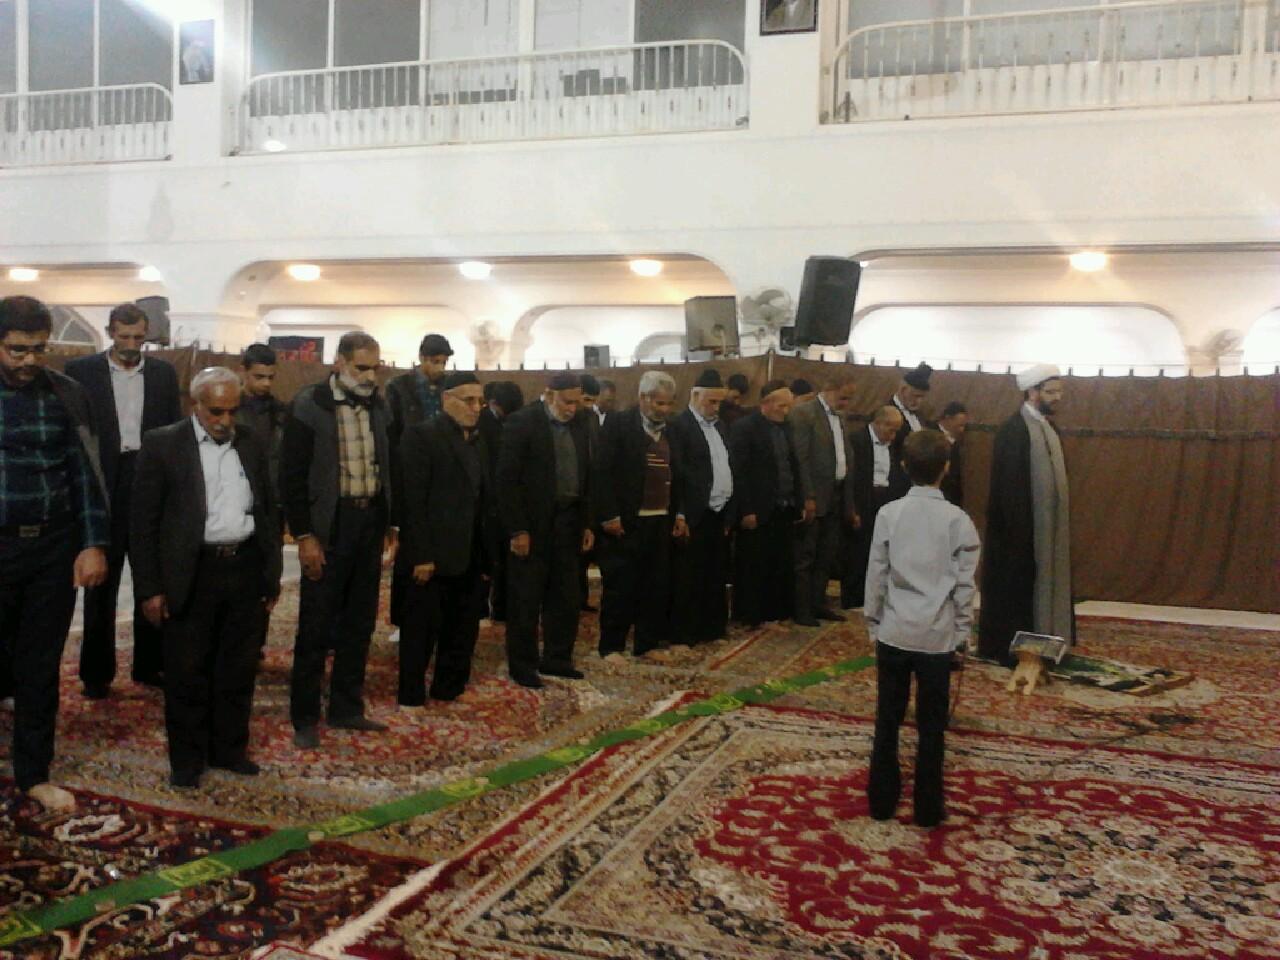 اقامه نماز جماعت در مسجد بلال به امامت امام جمعه محترم شهر قهدریجان